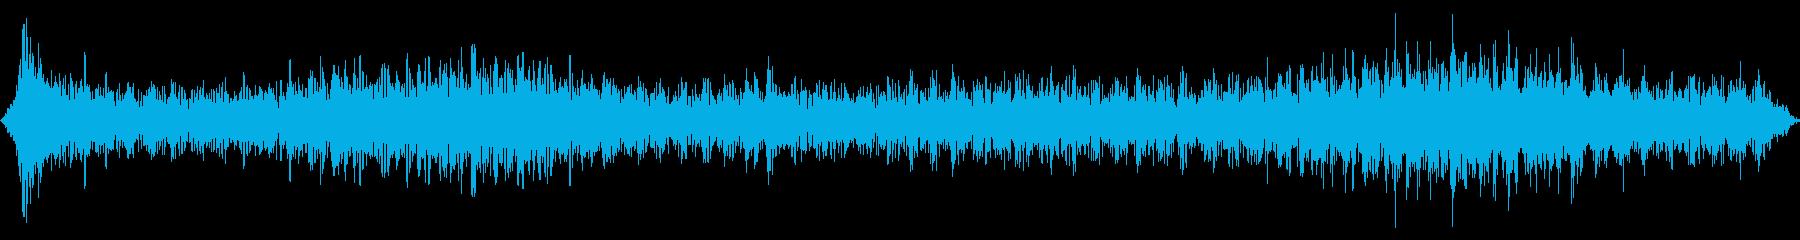 低反響音と反響するテレメトリ効果へ...の再生済みの波形